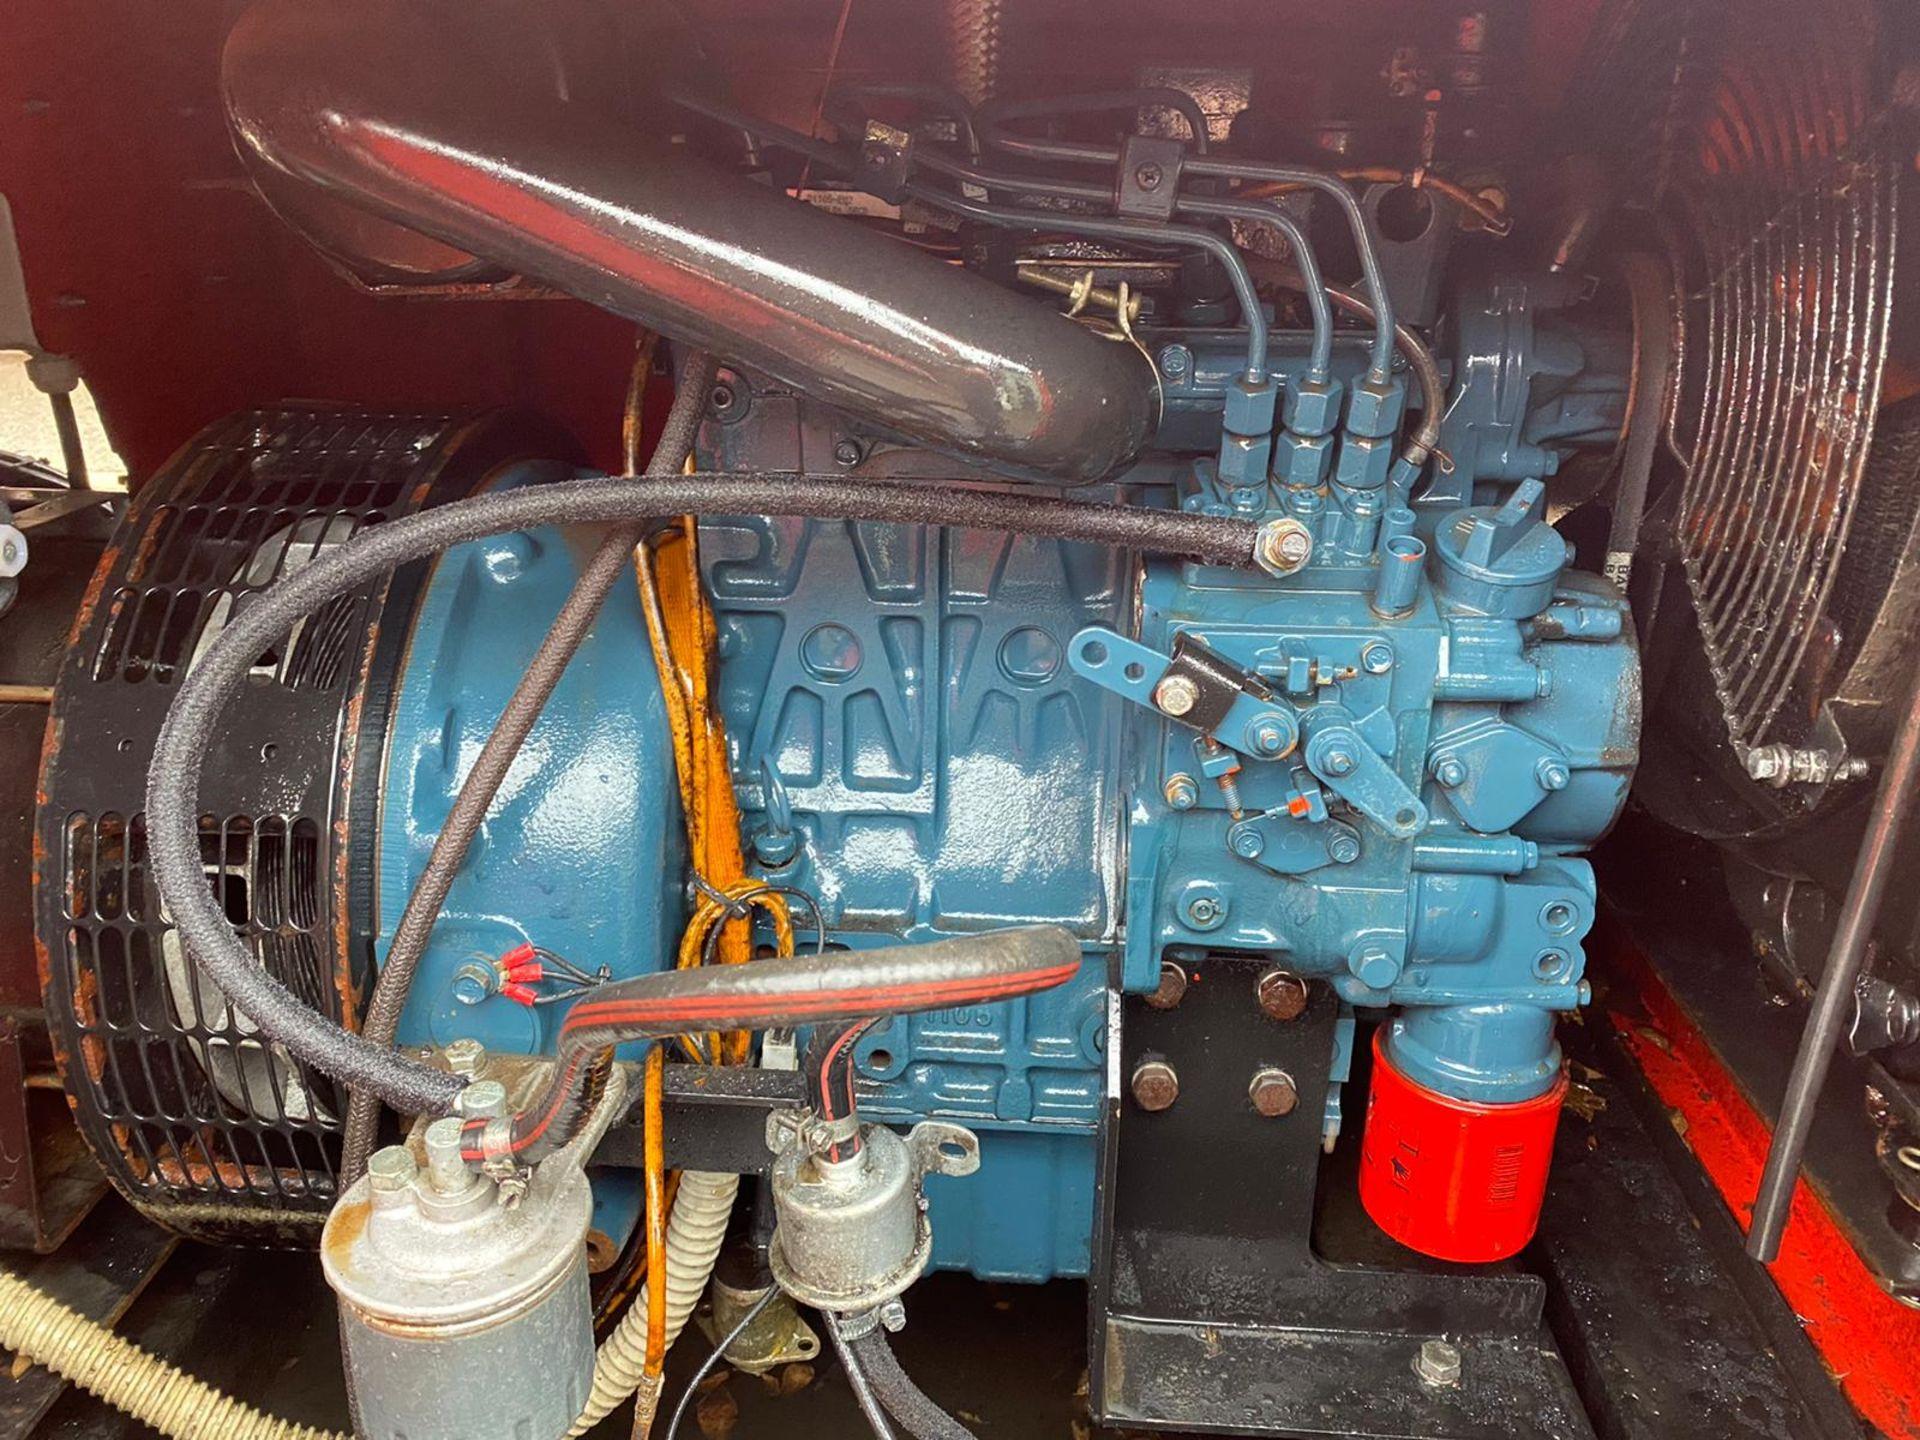 VT1 TOWERLIGHT TOWABLE 10KVA, KUBOTA D1105 ENGINE, 240V 10KVA *PLUS VAT* - Image 2 of 4